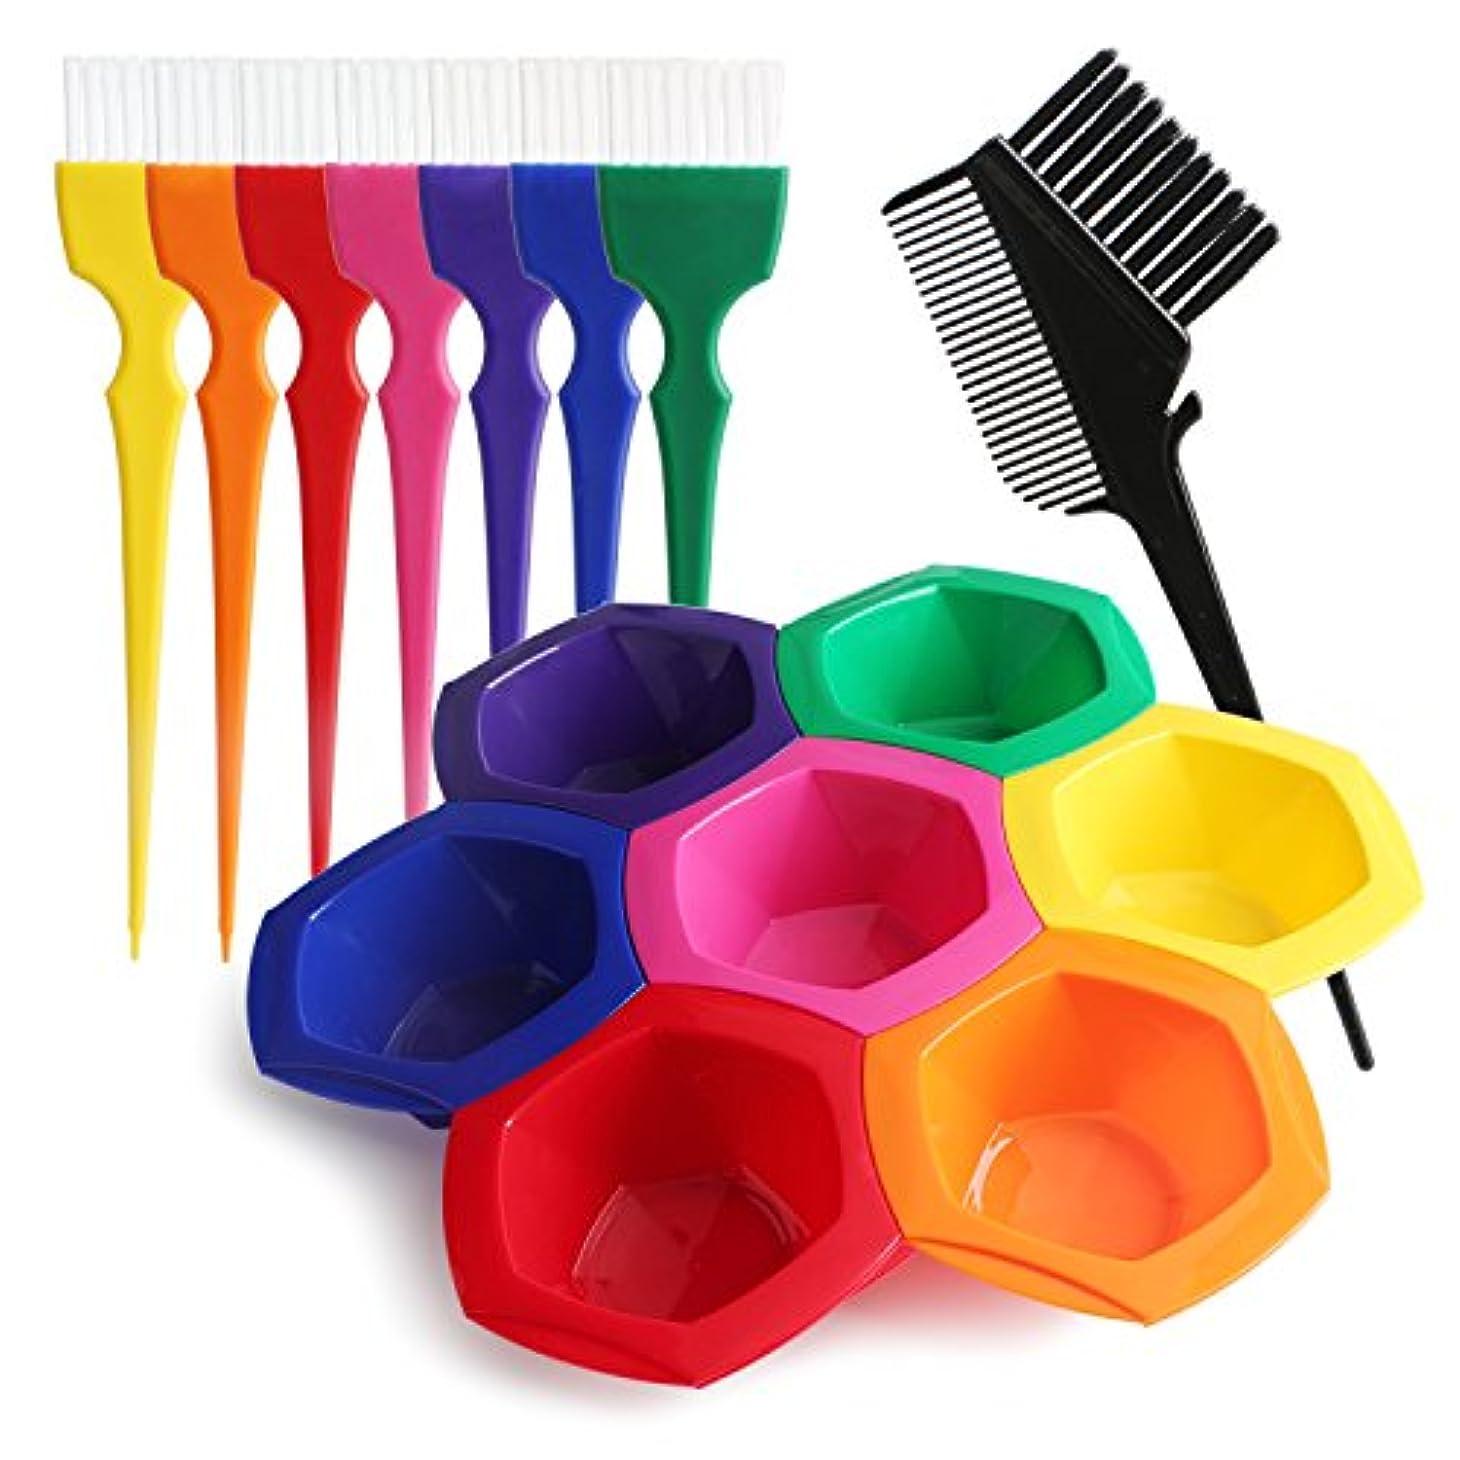 排他的豊かにするデッドロックSegbeauty DIY/プロの髪染めのセット ヘアカラー用工具 彩色なボウルとブラシのセット 彩色な髪 美髪用